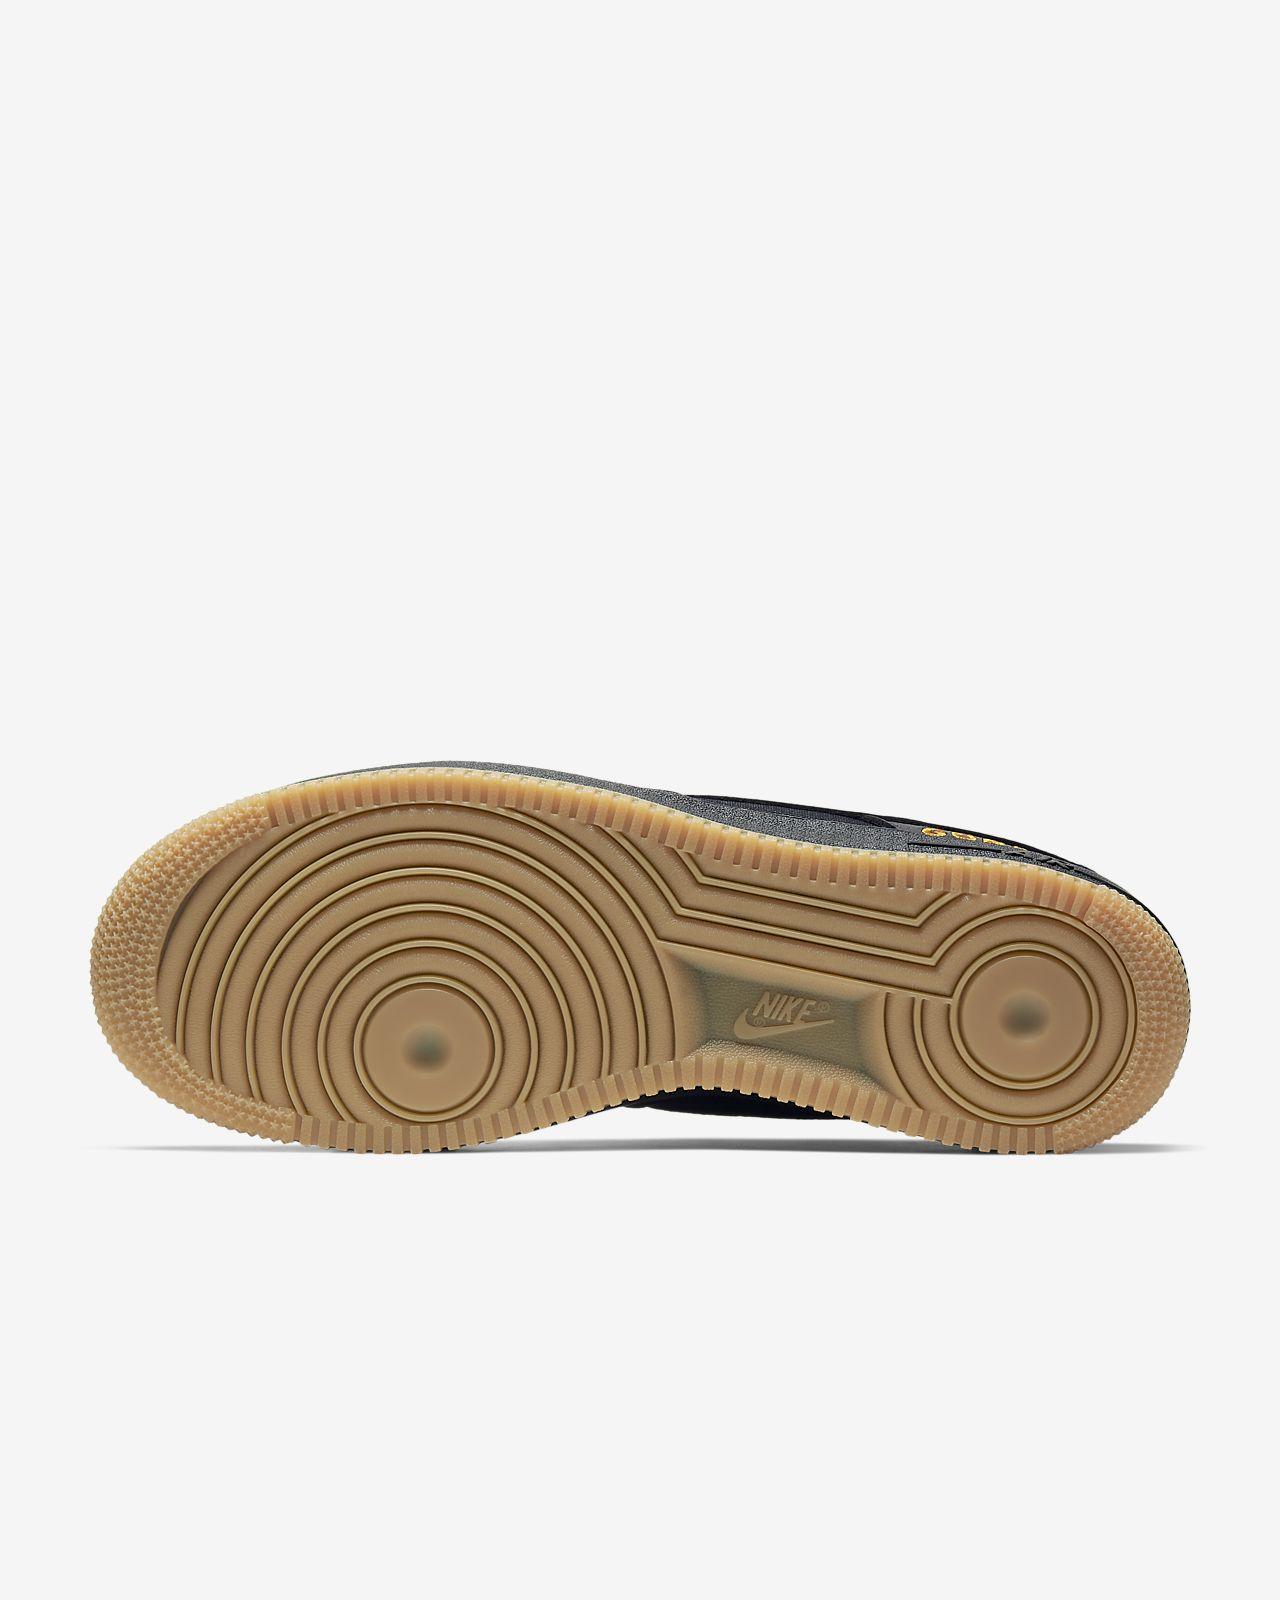 Calzado Nike Air Force 1 GORE TEX